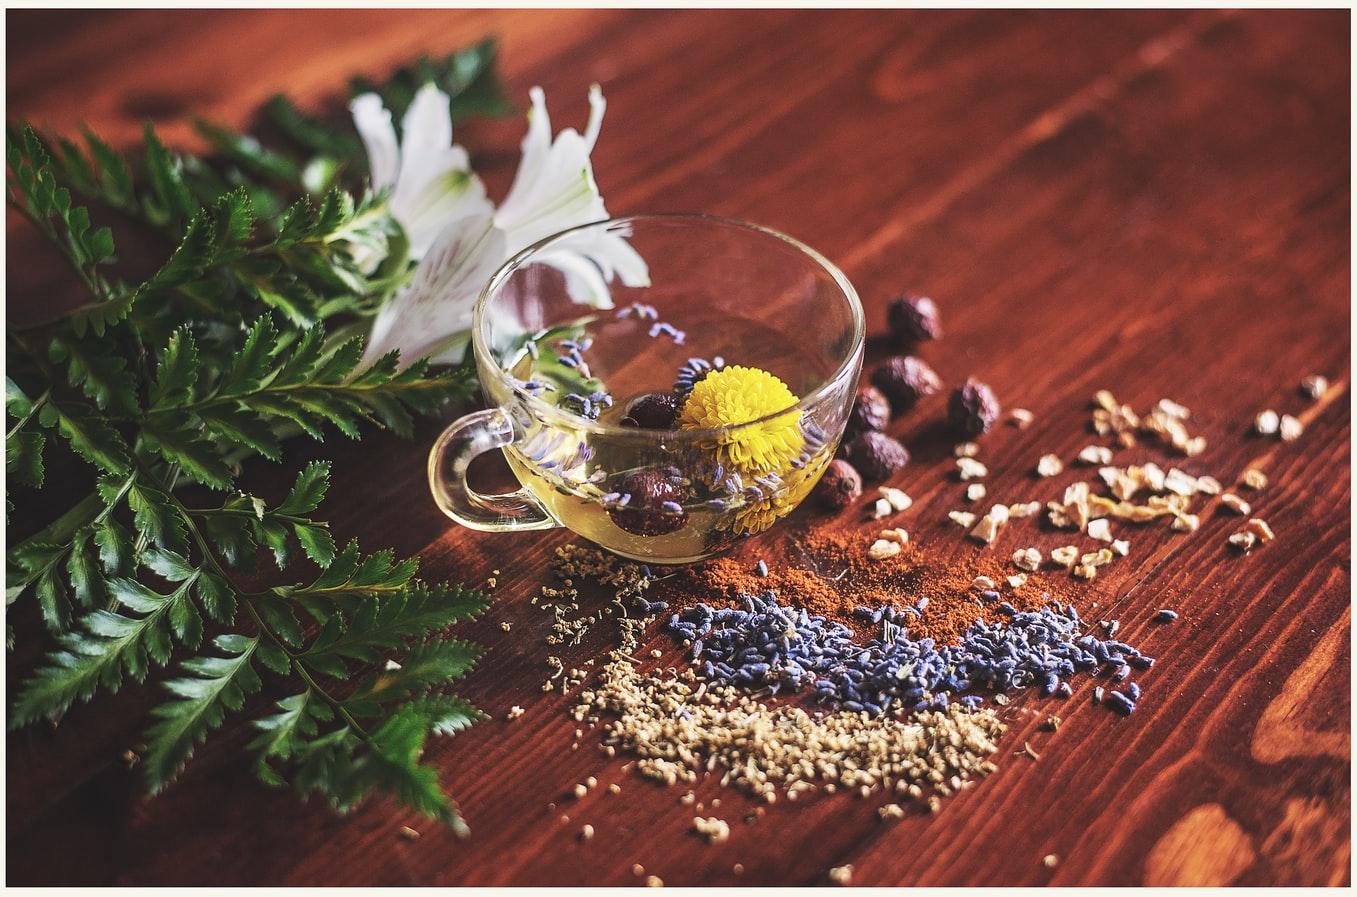 您喜歡喝茶嗎?您知道您喝的茶大多是越南茶嗎?